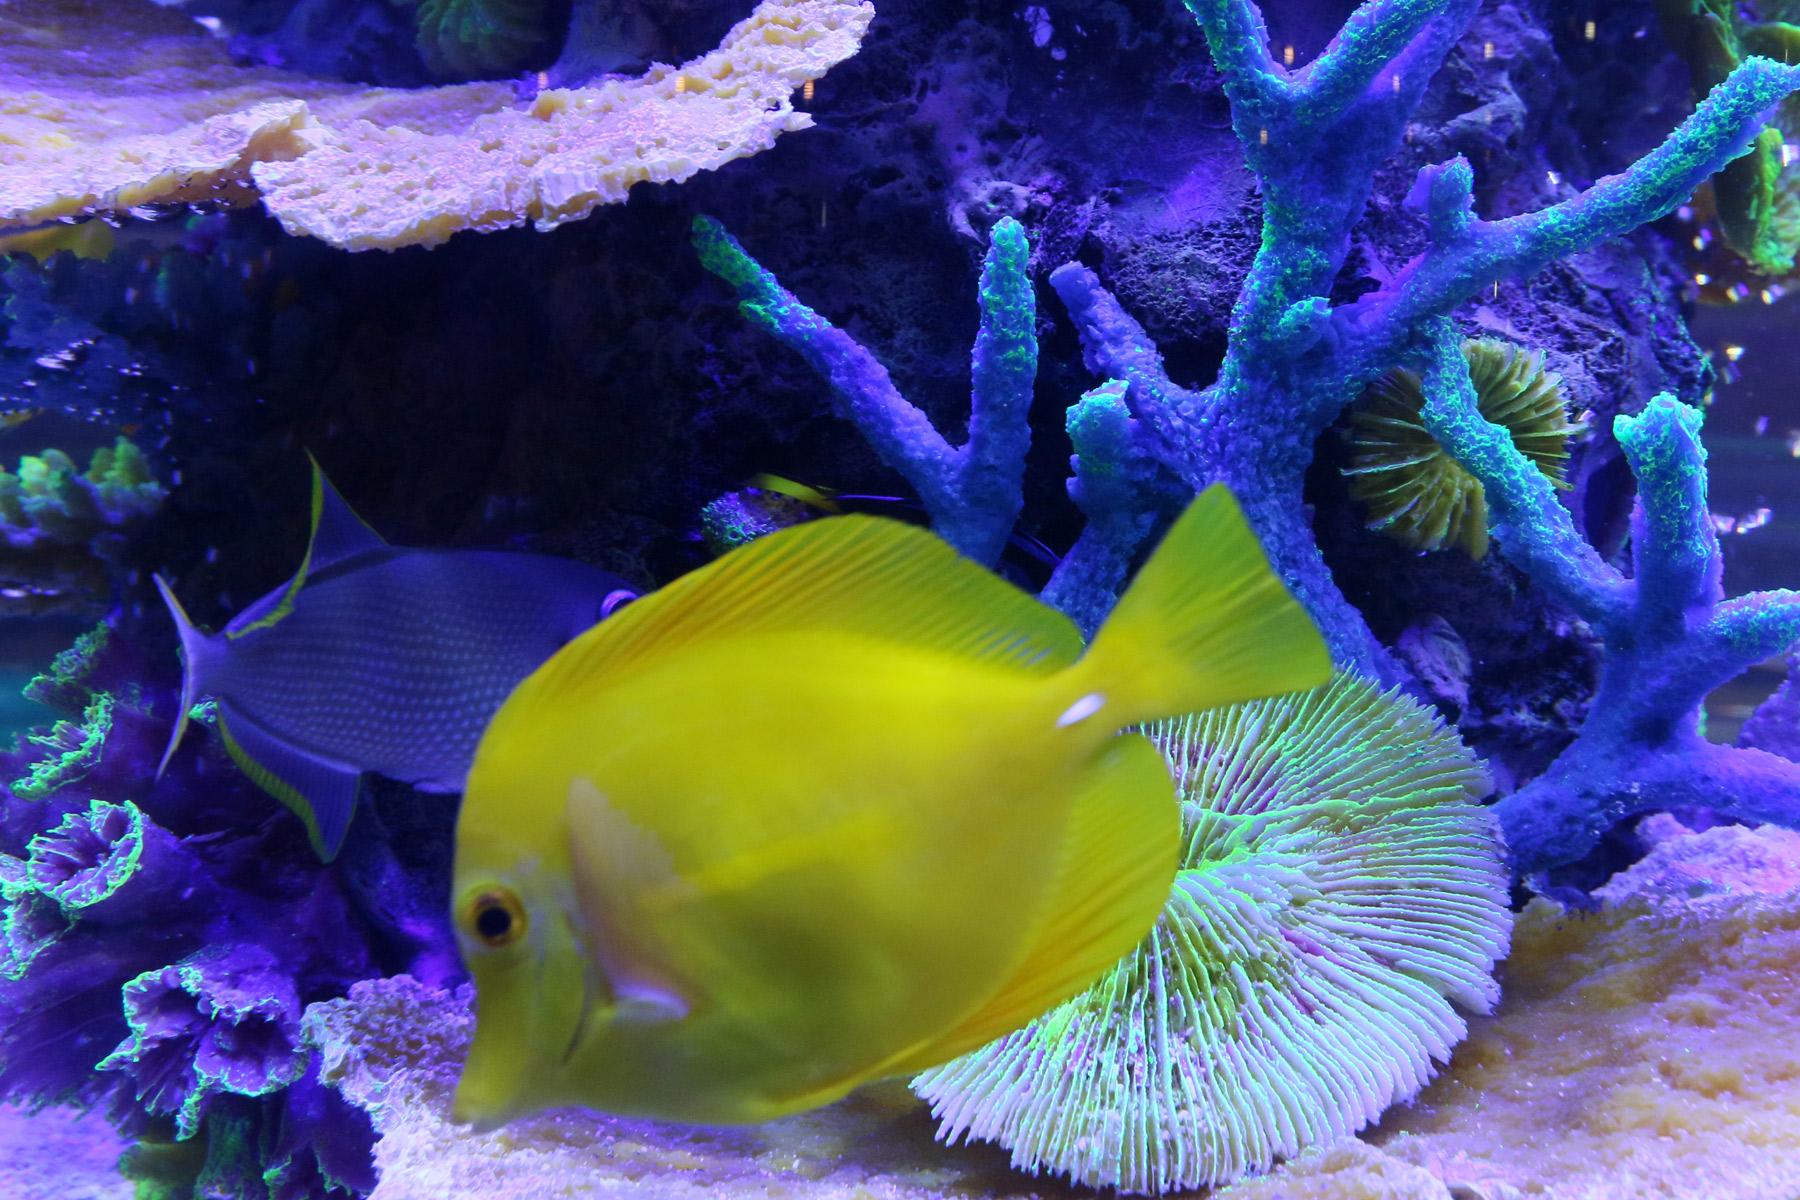 Peces ornamentales un negocio con amplias perspectivas de for Acuariofilia peces ornamentales